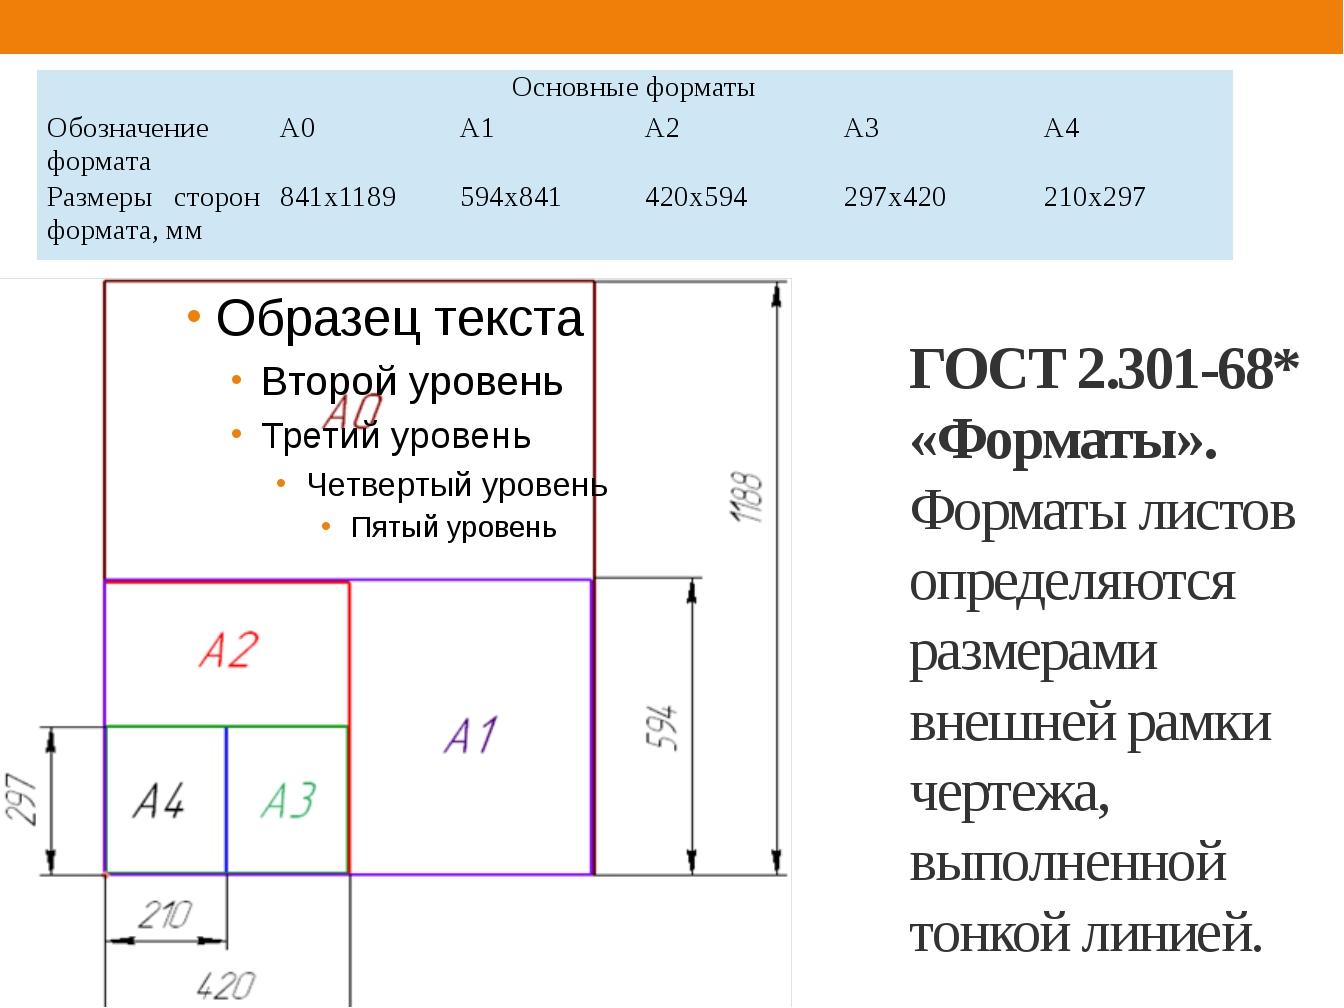 ГОСТ 2.301-68* «Форматы». Форматы листов определяются размерами внешней рамки...